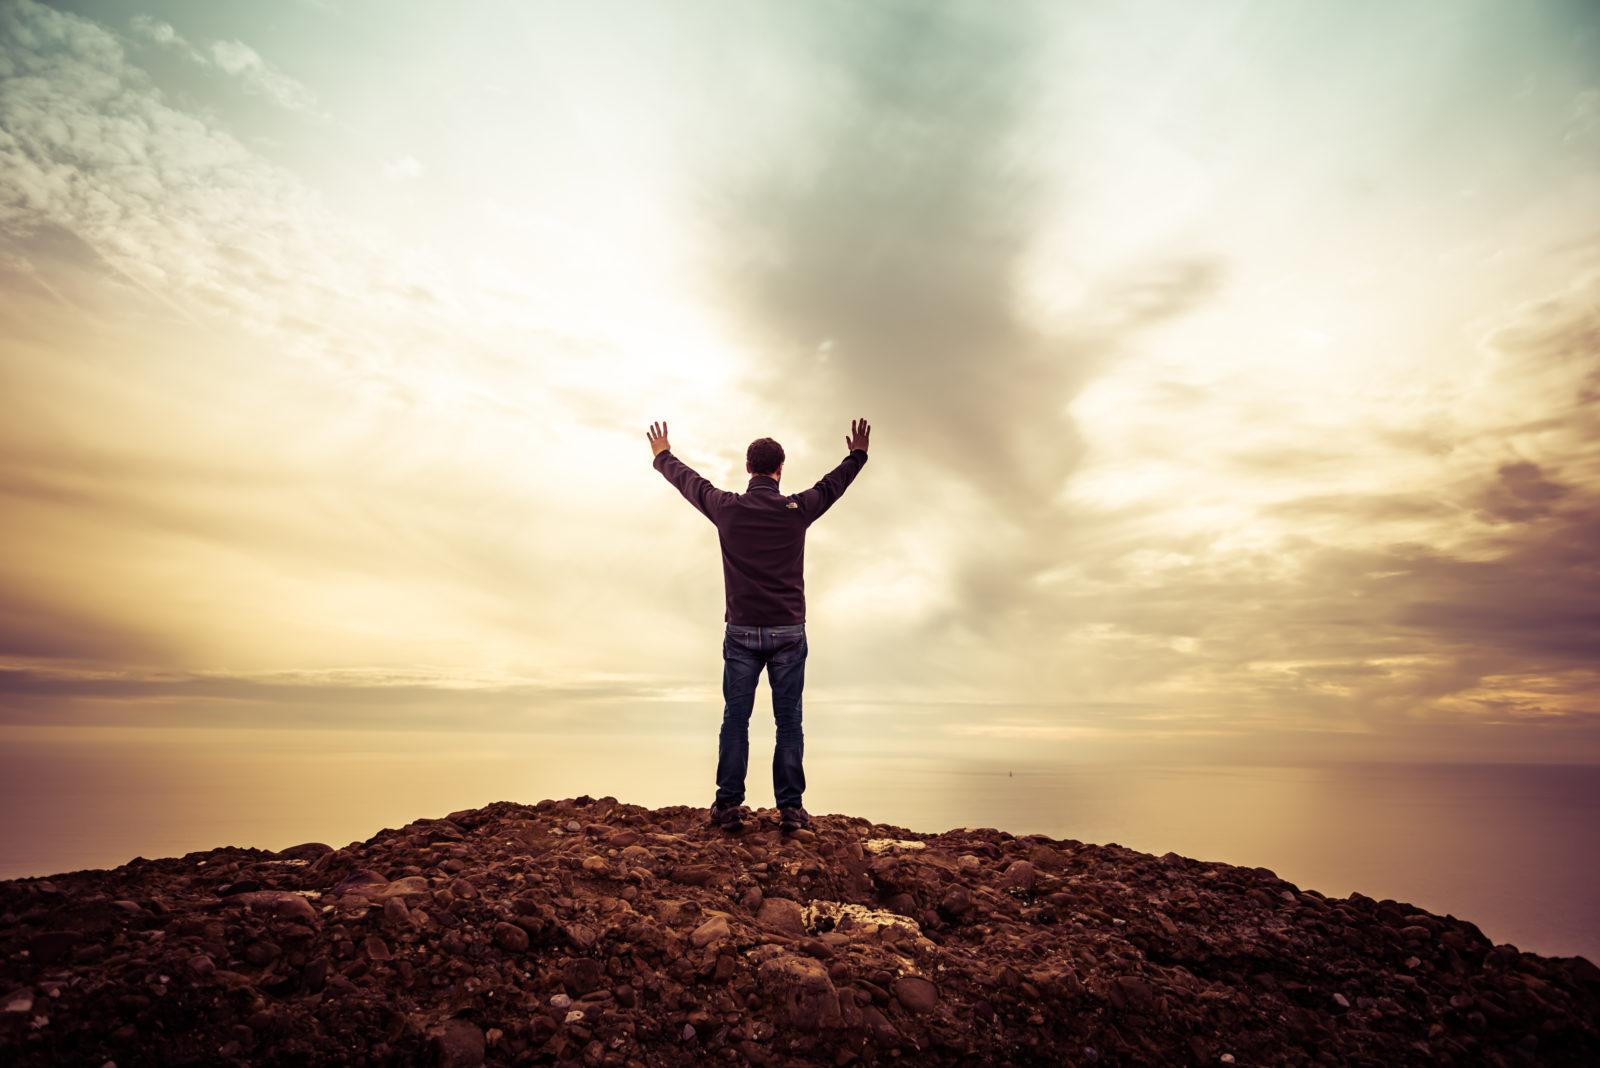 Reflexión Pastoral: Todo aquel que busca el rostro de Dios, conoce de Él una nueva dimensión - Pastor Sammy